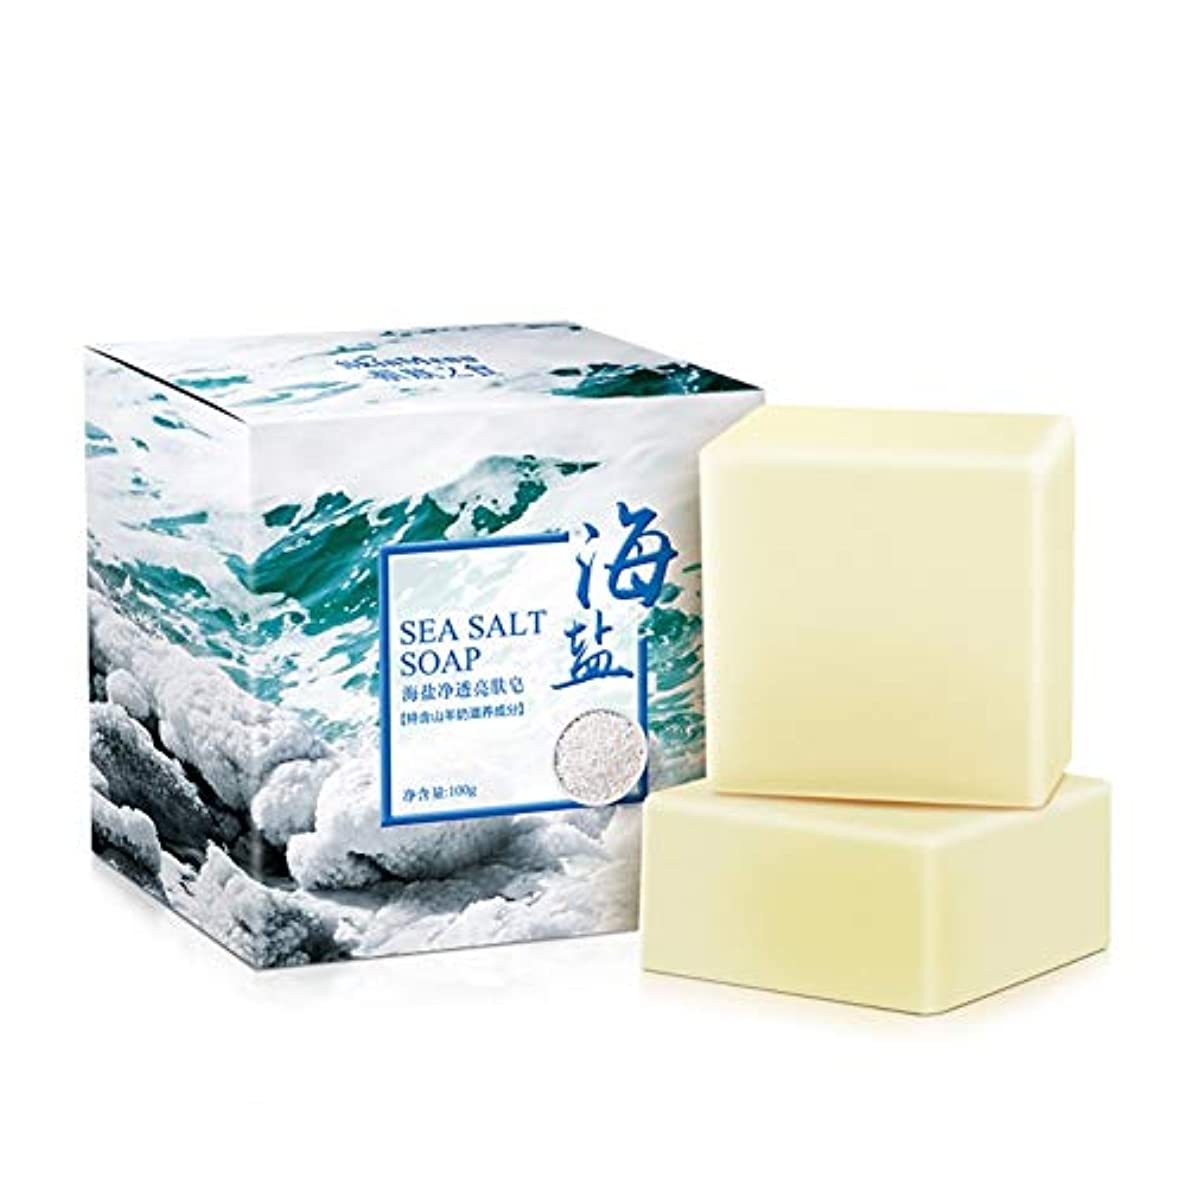 バースト量格差Cutelove 石鹸 にきび用石鹸 海塩石鹸 海塩石鹸にきび パーソナルケア製品 補修石鹸 ボディークリーニング製品